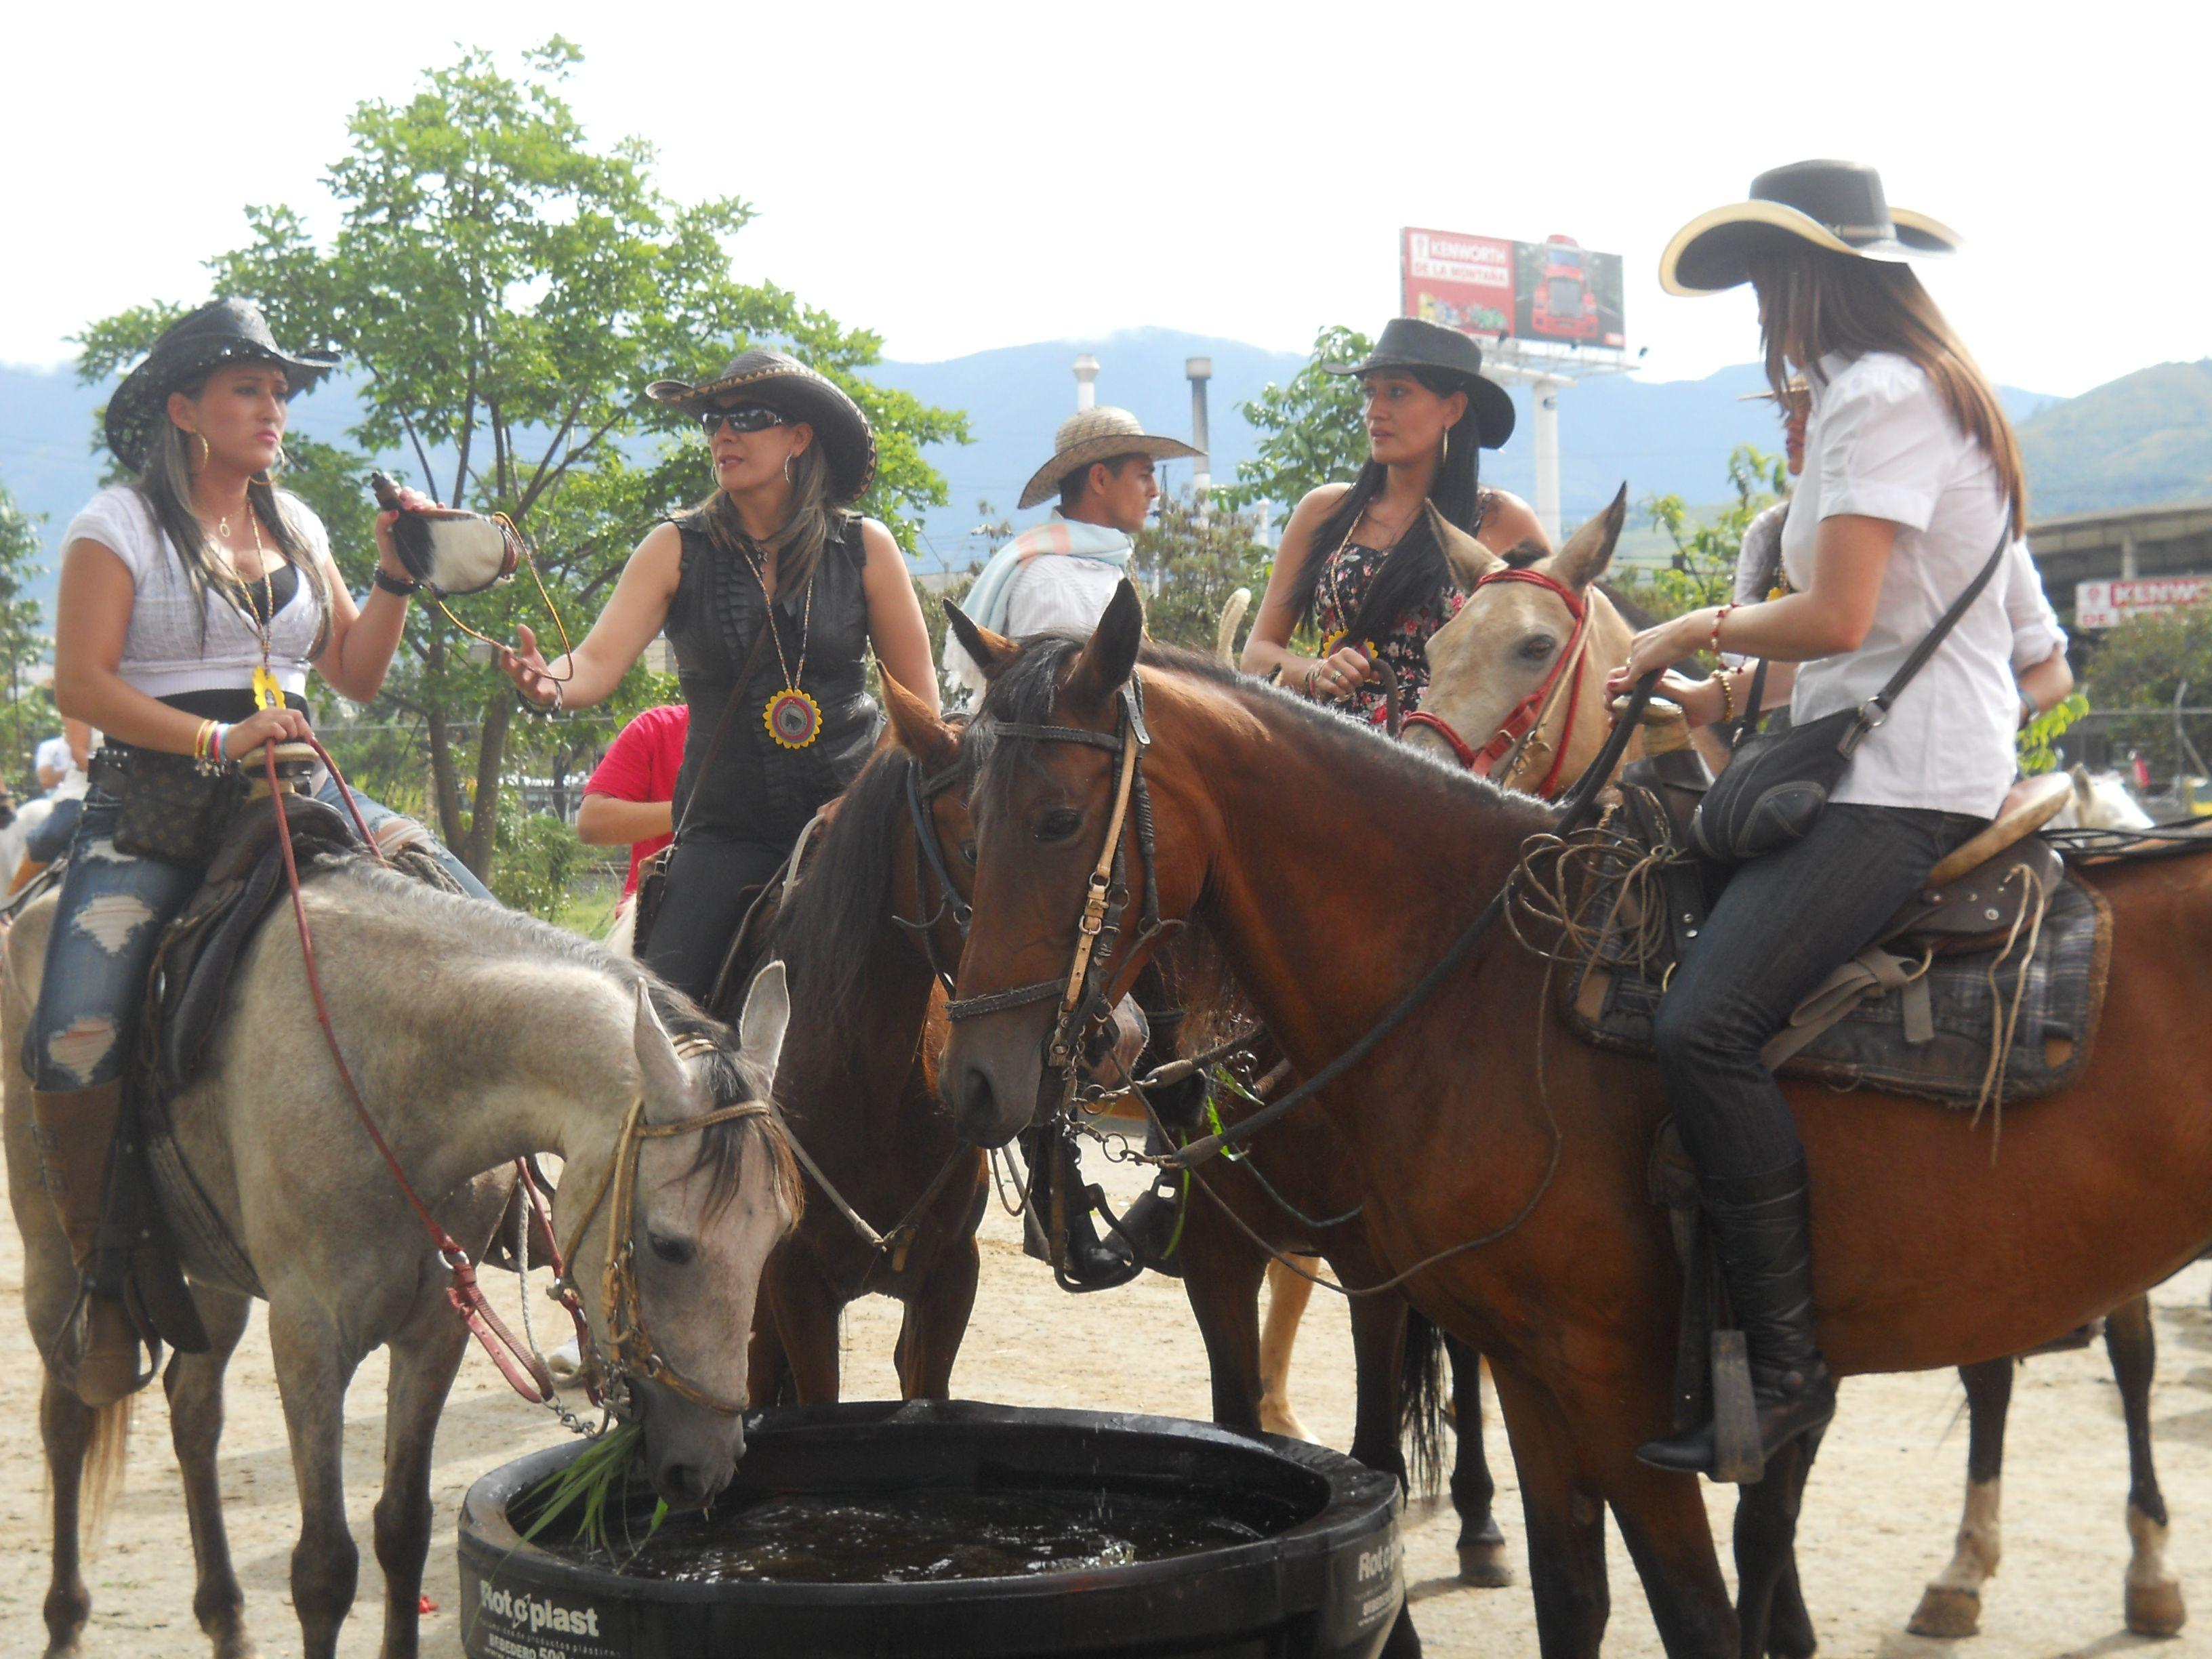 Cabalgata Fotos.Feria De Las Flores Cabalgata Medellin Colombia Colombia